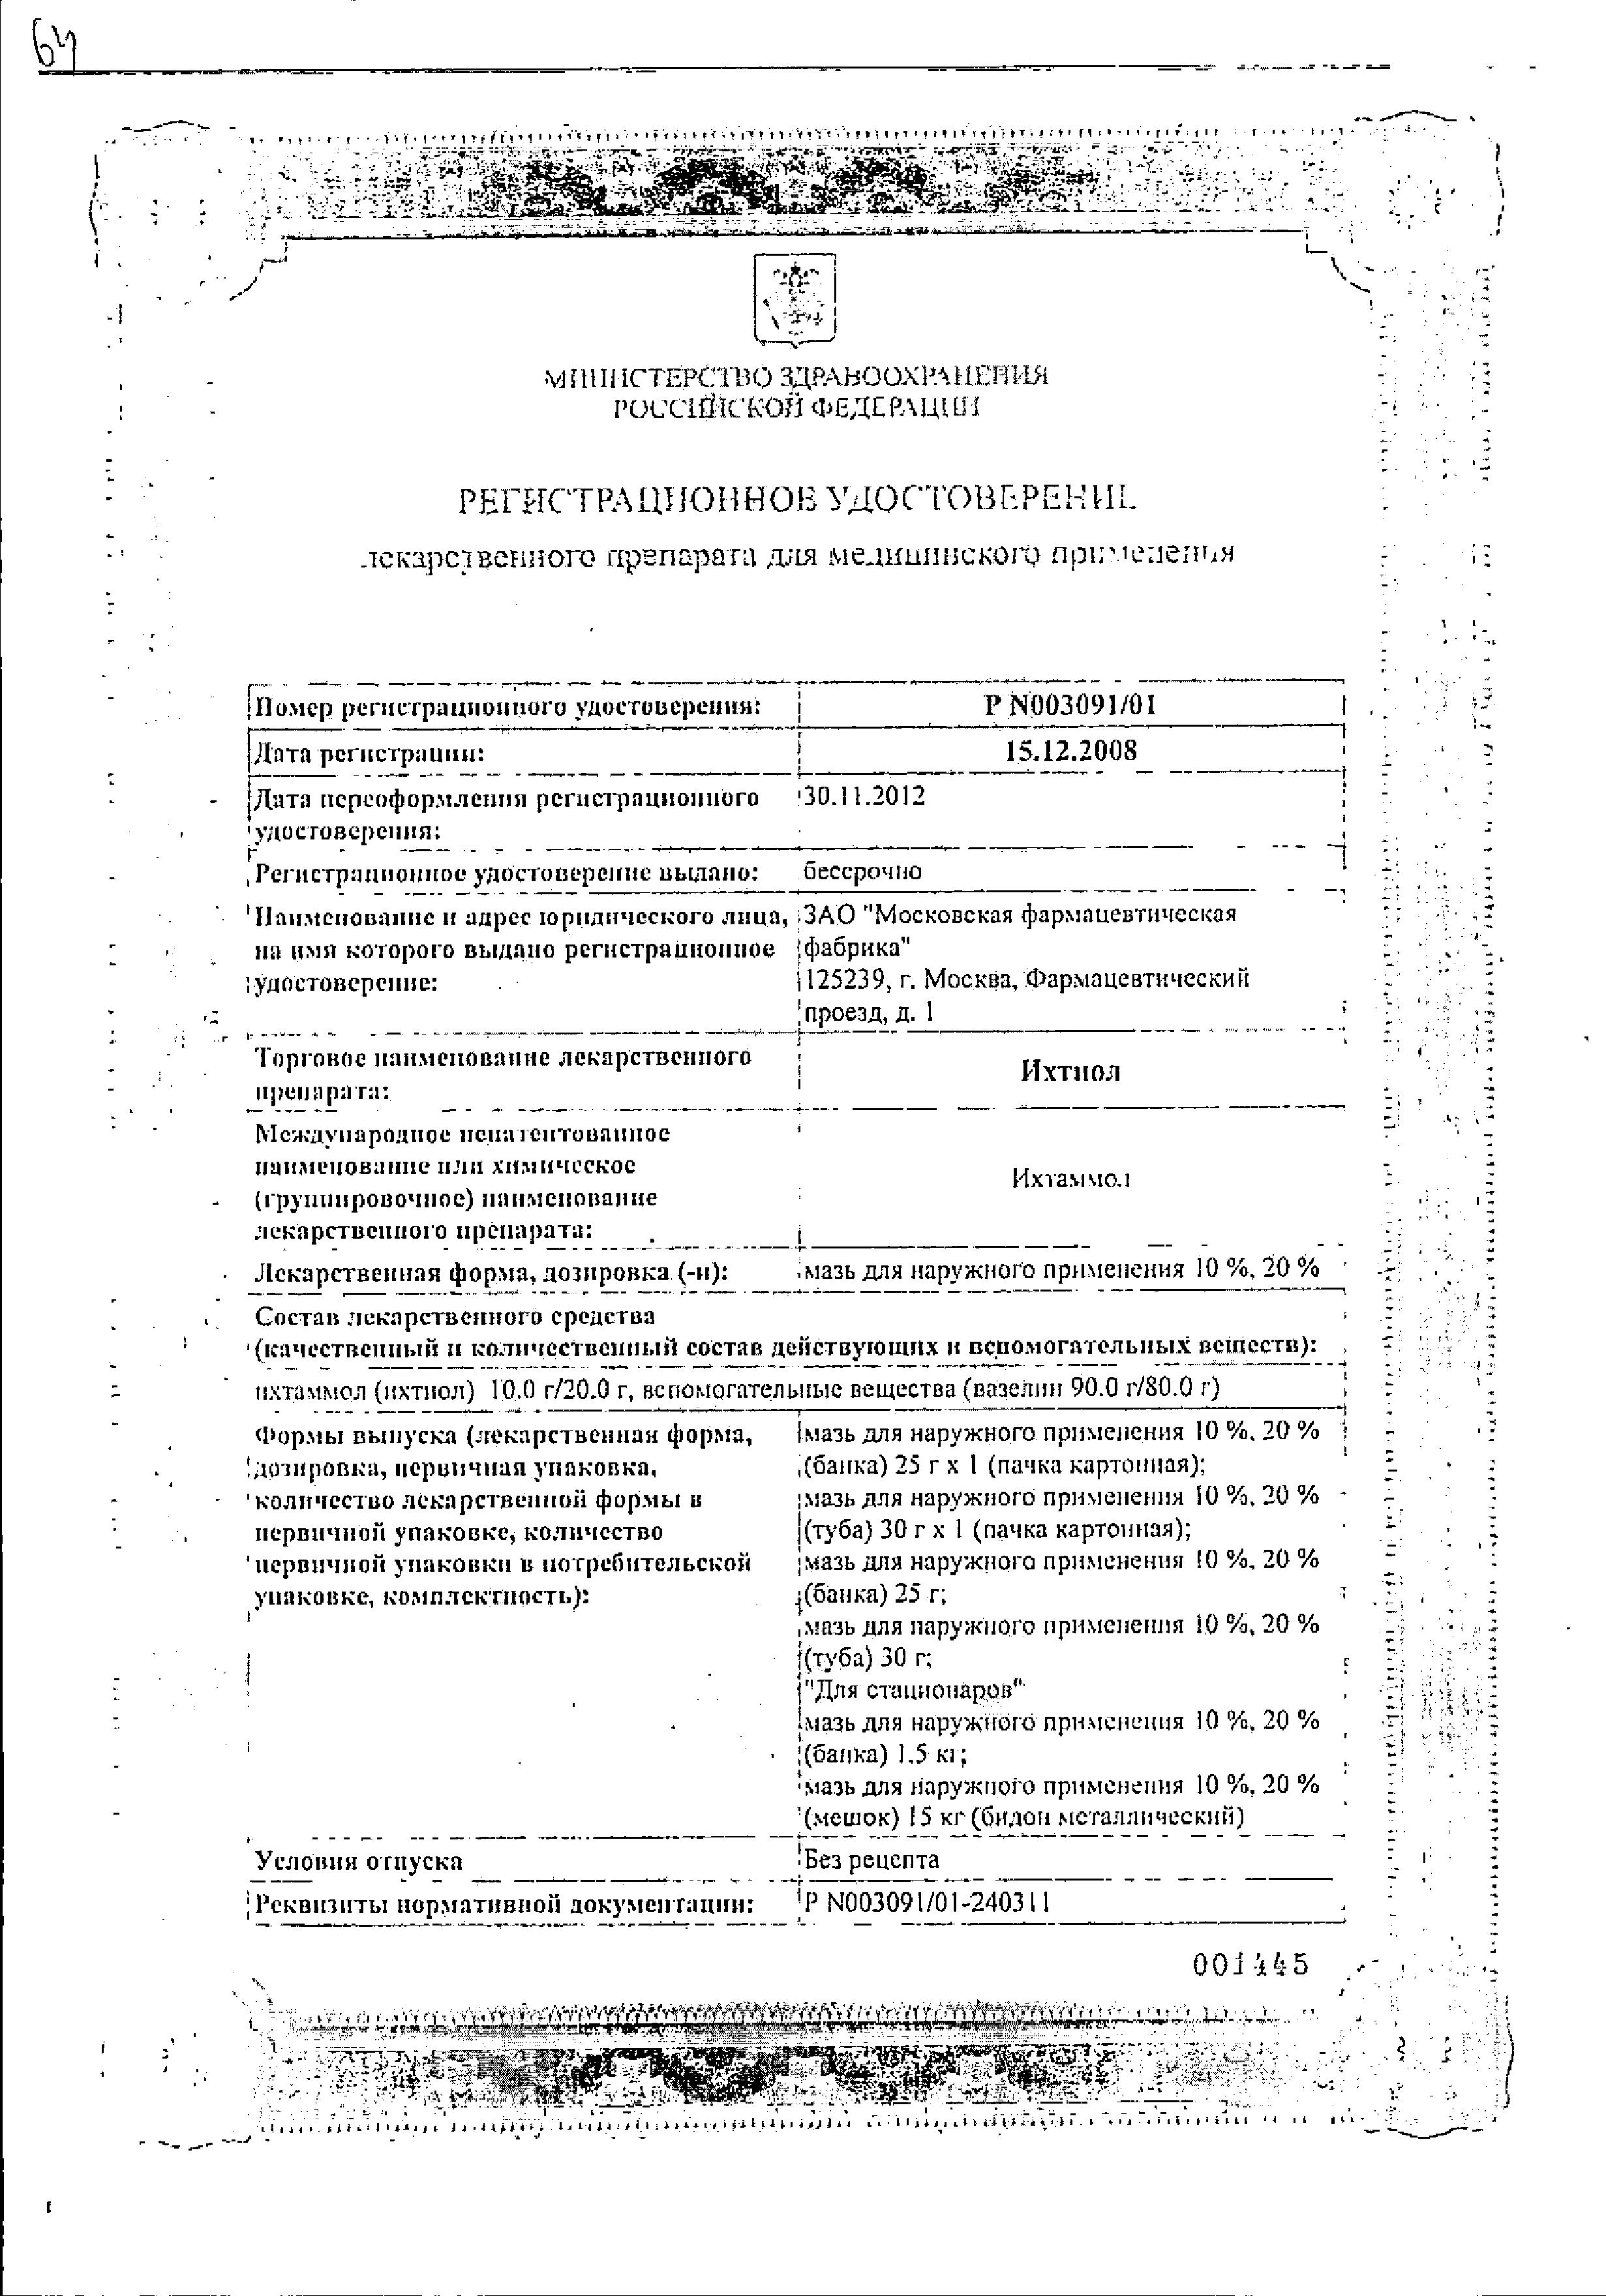 Ихтиоловая мазь сертификат